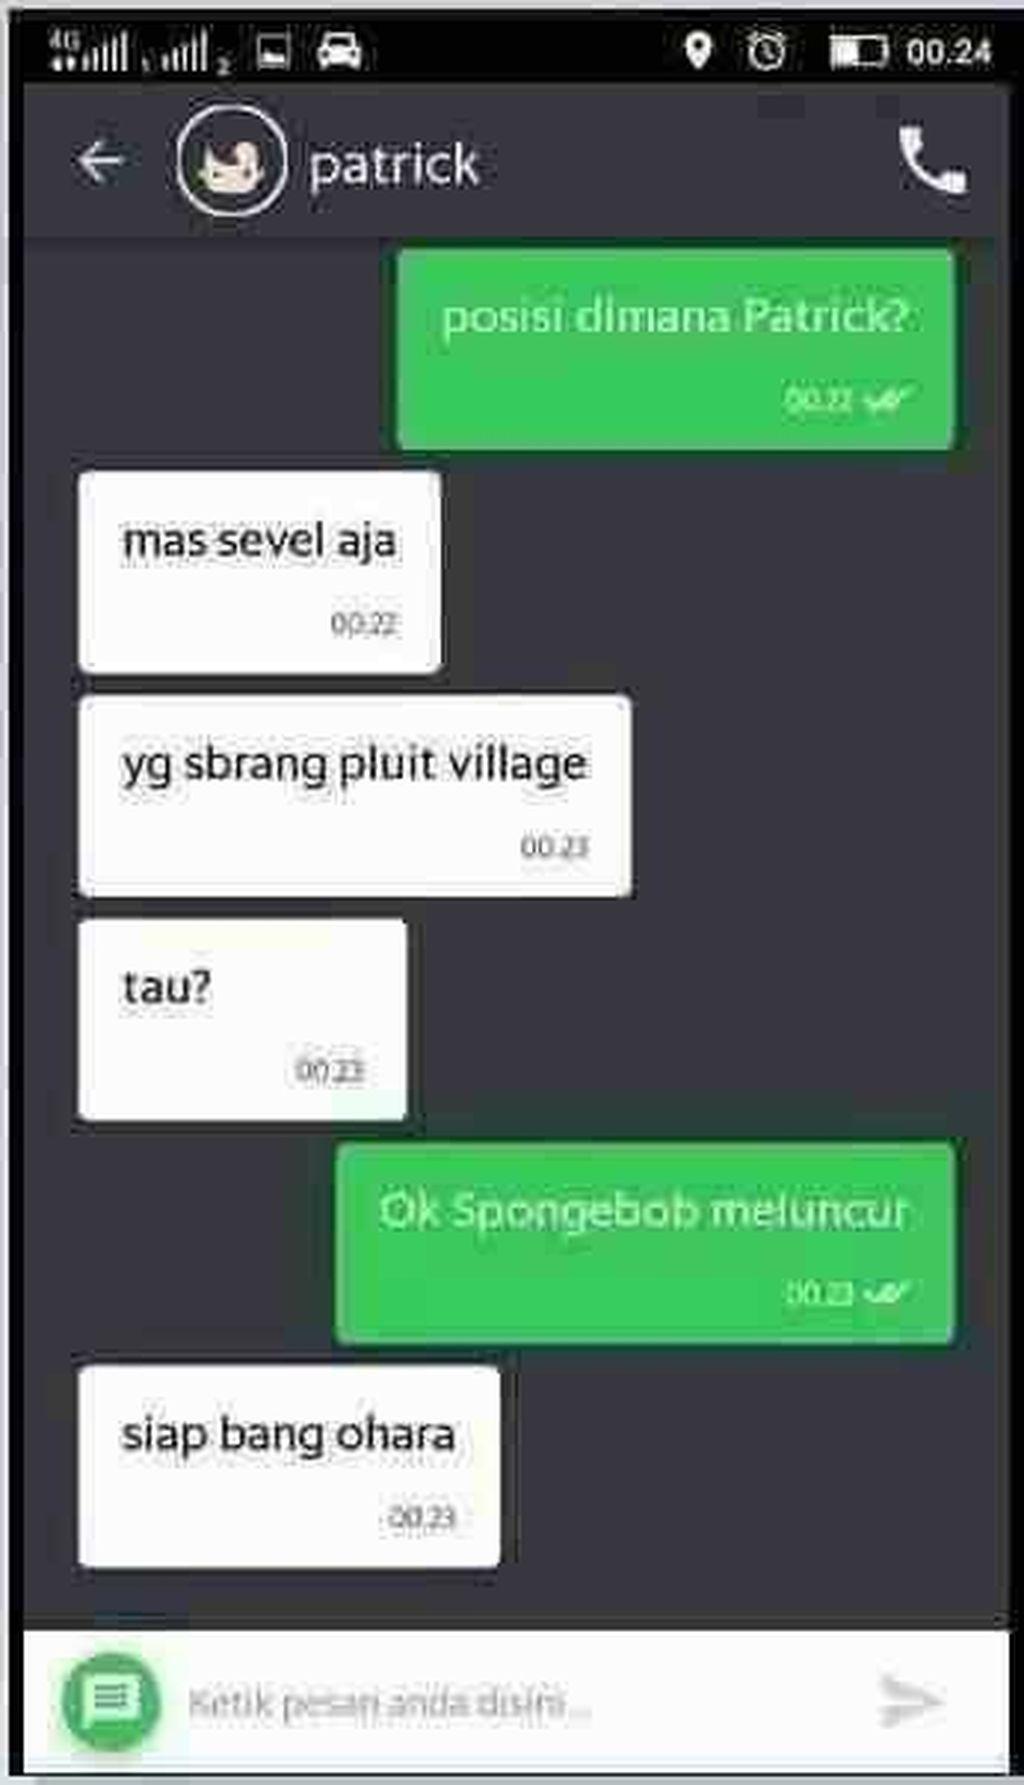 Patrick, karakter bintang laut teman Spongebob, sekarang jadi driver ojek.(Foto: istimewa)